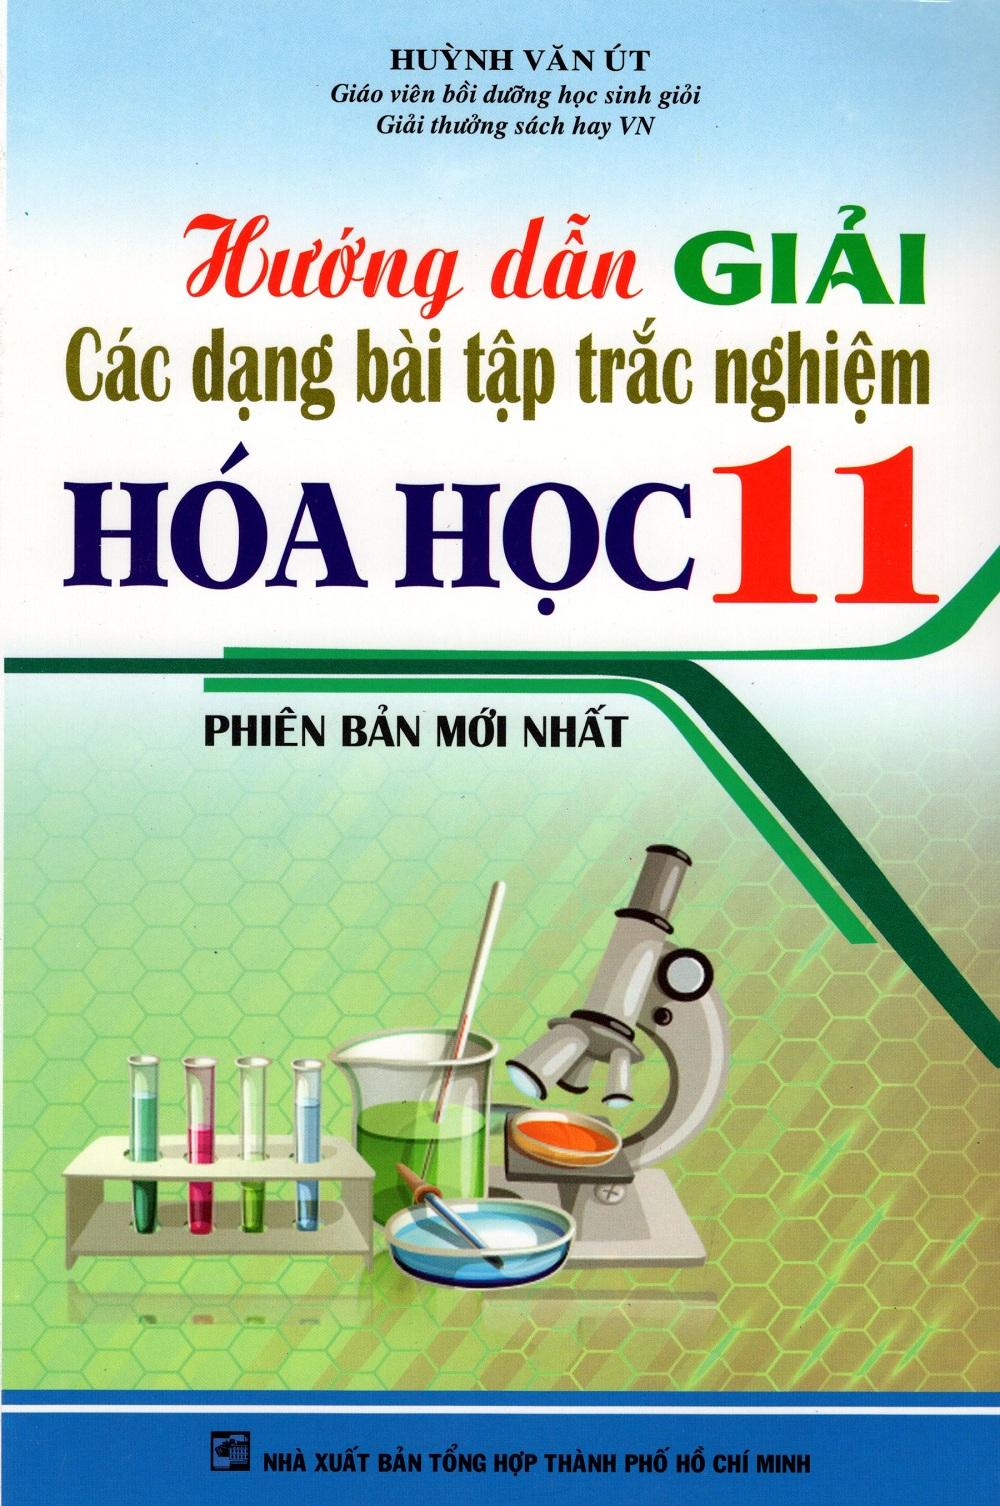 Hướng Dẫn Giải Các Dạng Bài Tập Trắc Nghiệm Hóa Học Lớp 11 - 8936083205327,62_237538,67000,tiki.vn,Huong-Dan-Giai-Cac-Dang-Bai-Tap-Trac-Nghiem-Hoa-Hoc-Lop-11-62_237538,Hướng Dẫn Giải Các Dạng Bài Tập Trắc Nghiệm Hóa Học Lớp 11